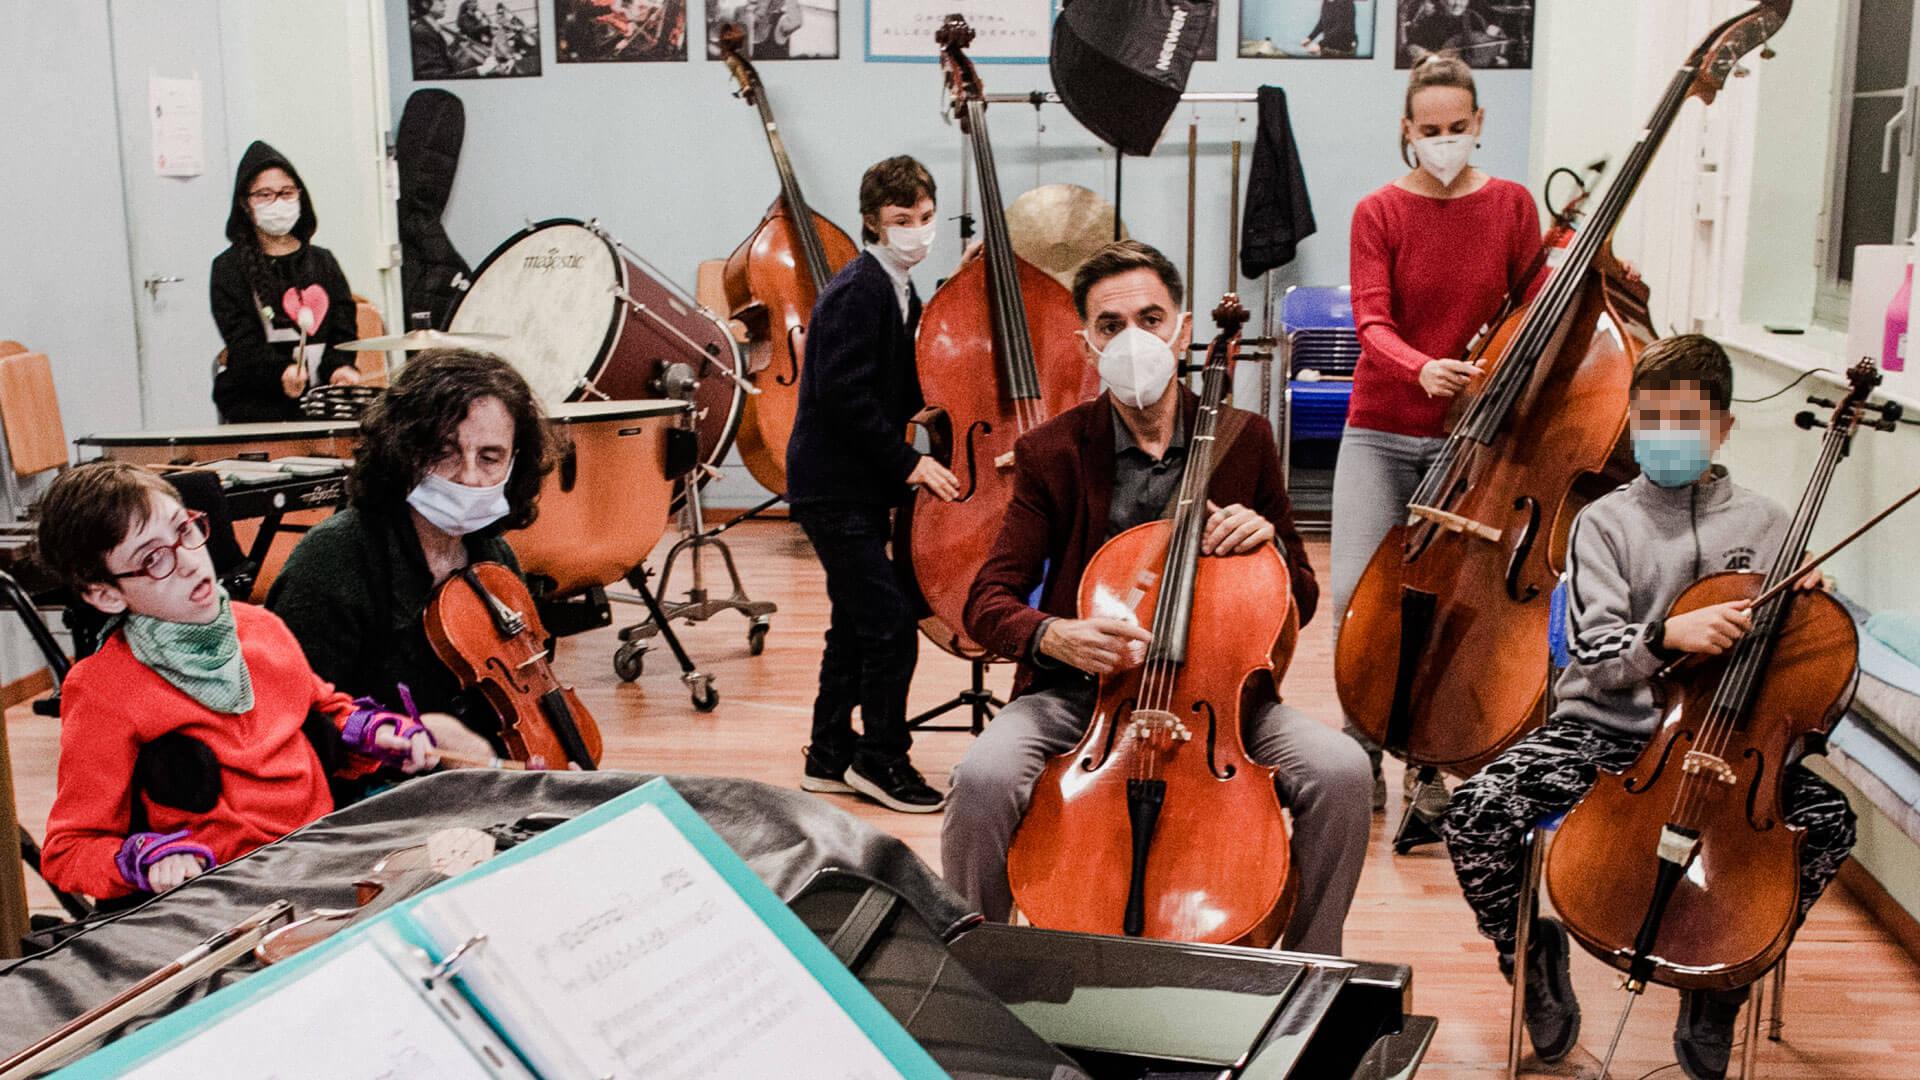 Una lezione in aula del venerdì, con il gruppo di Propedeutica orchestrale riservato ai più piccoli. I bambini con disabilità si rivelano spesso musicisti molto dotati (Foto Vasco Dell'Oro)